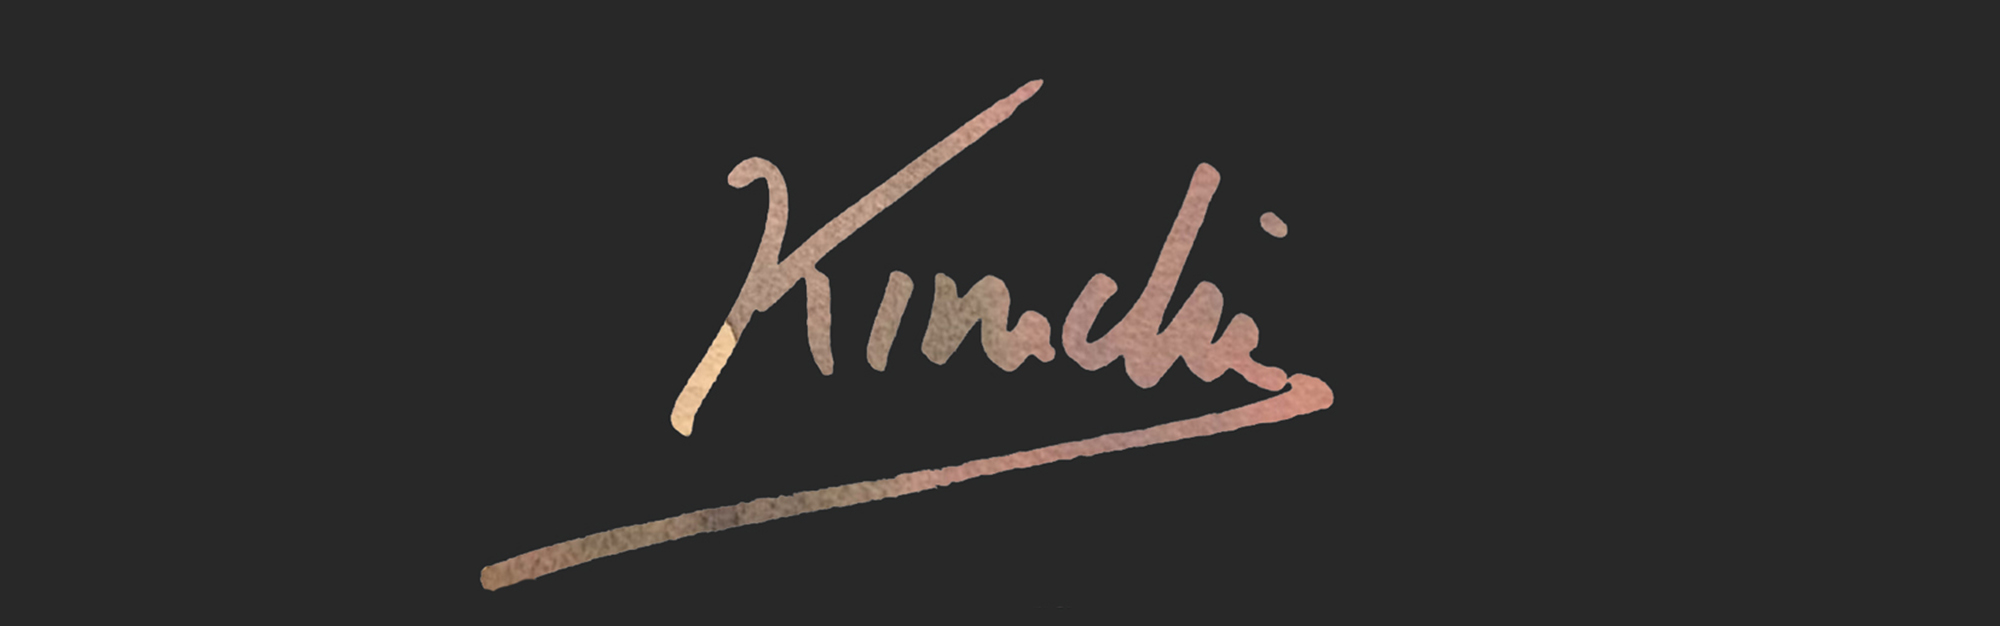 kimchi fine art